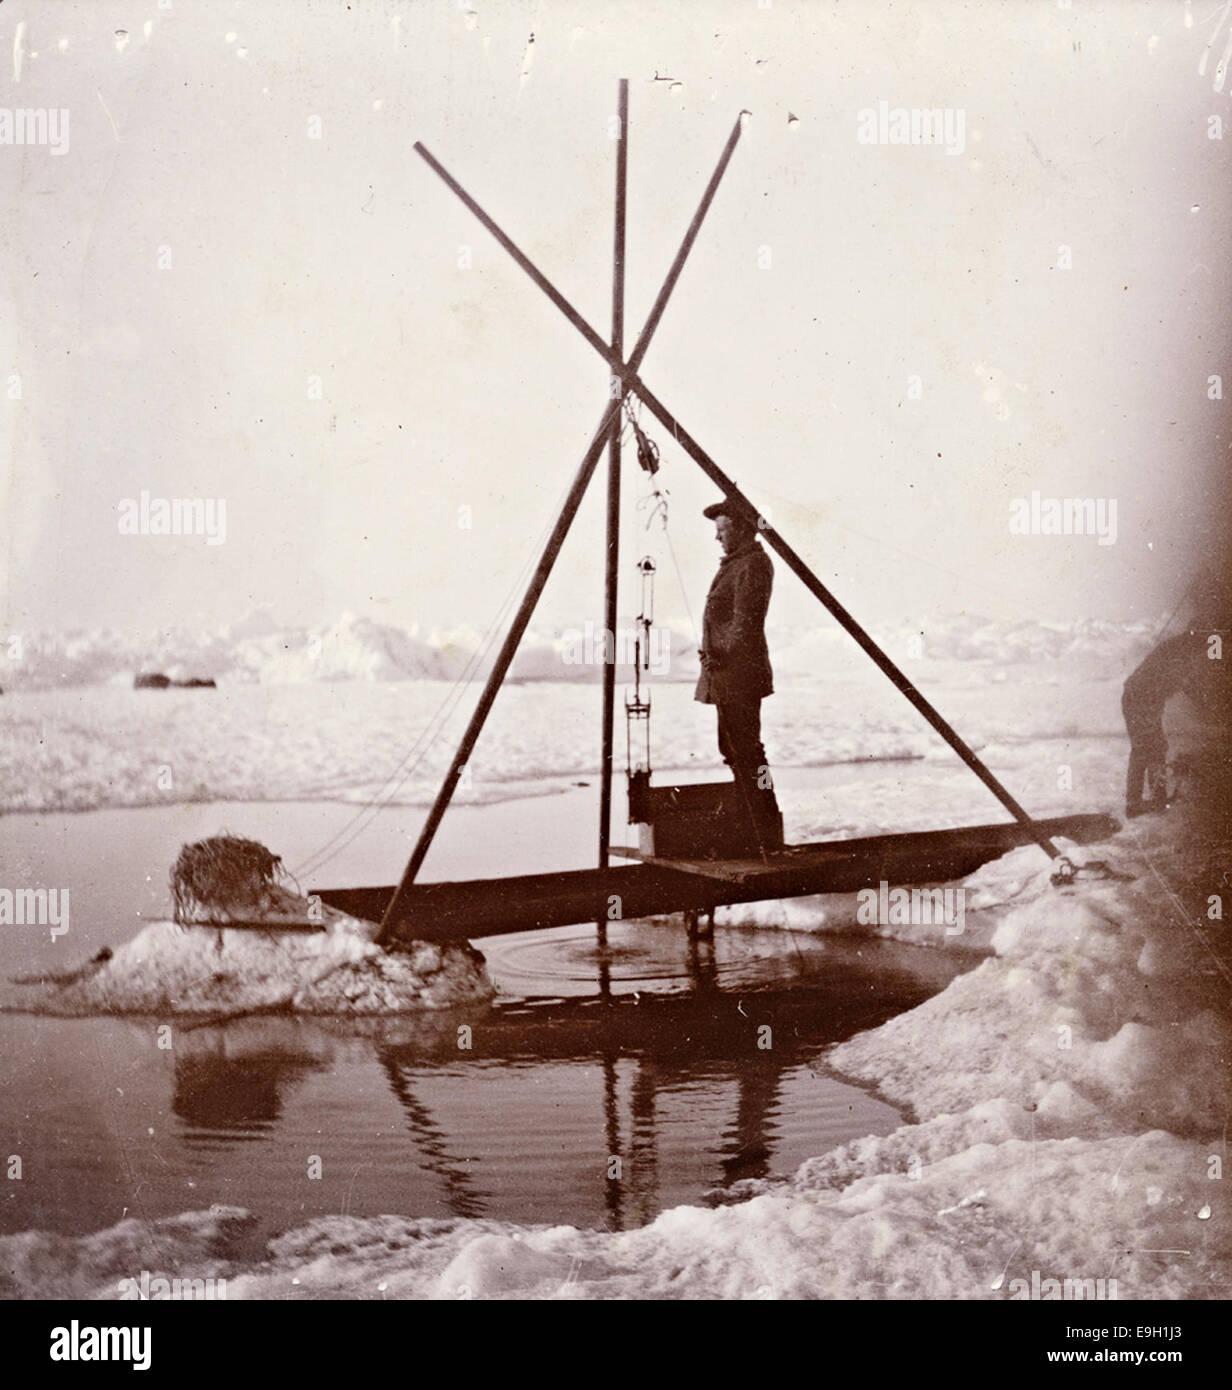 Fridtjof Nansen måler dypvannstemperatur, 1894 Stock Photo